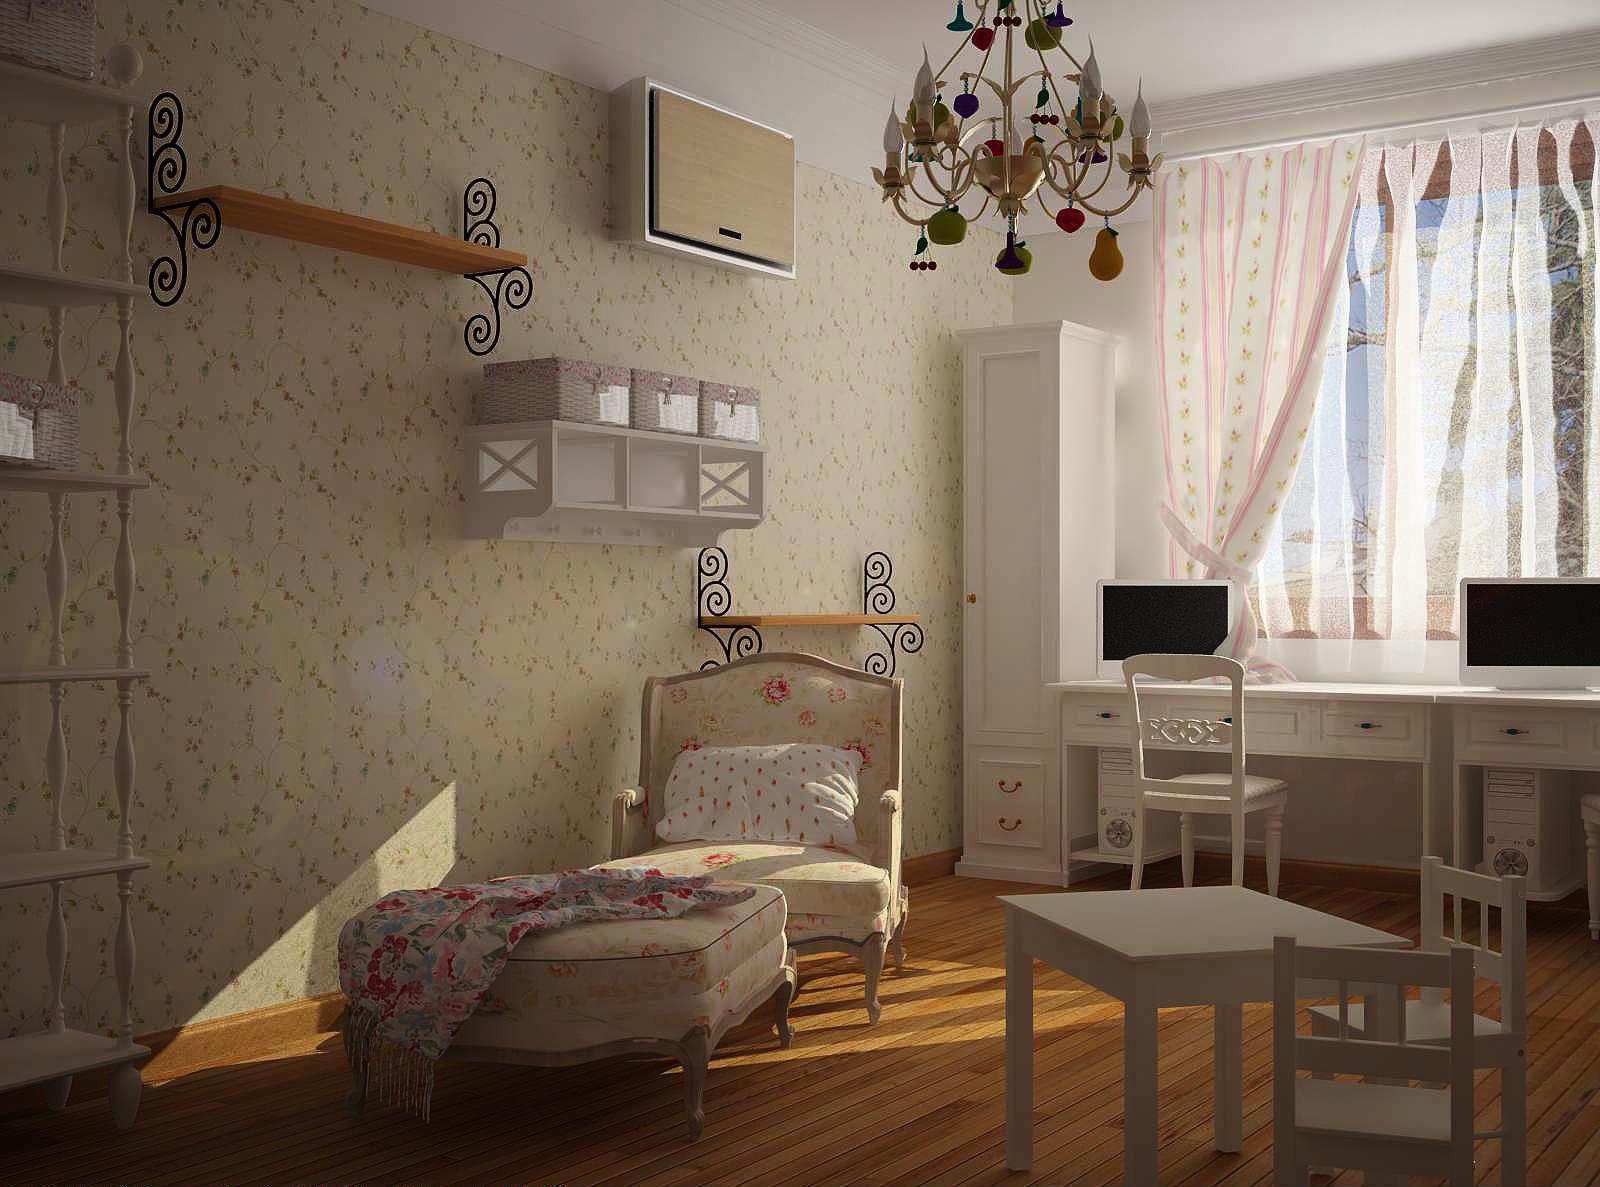 Цветочные узоры на обоях и мебели великолепно дополнят комнату в прованском стиле